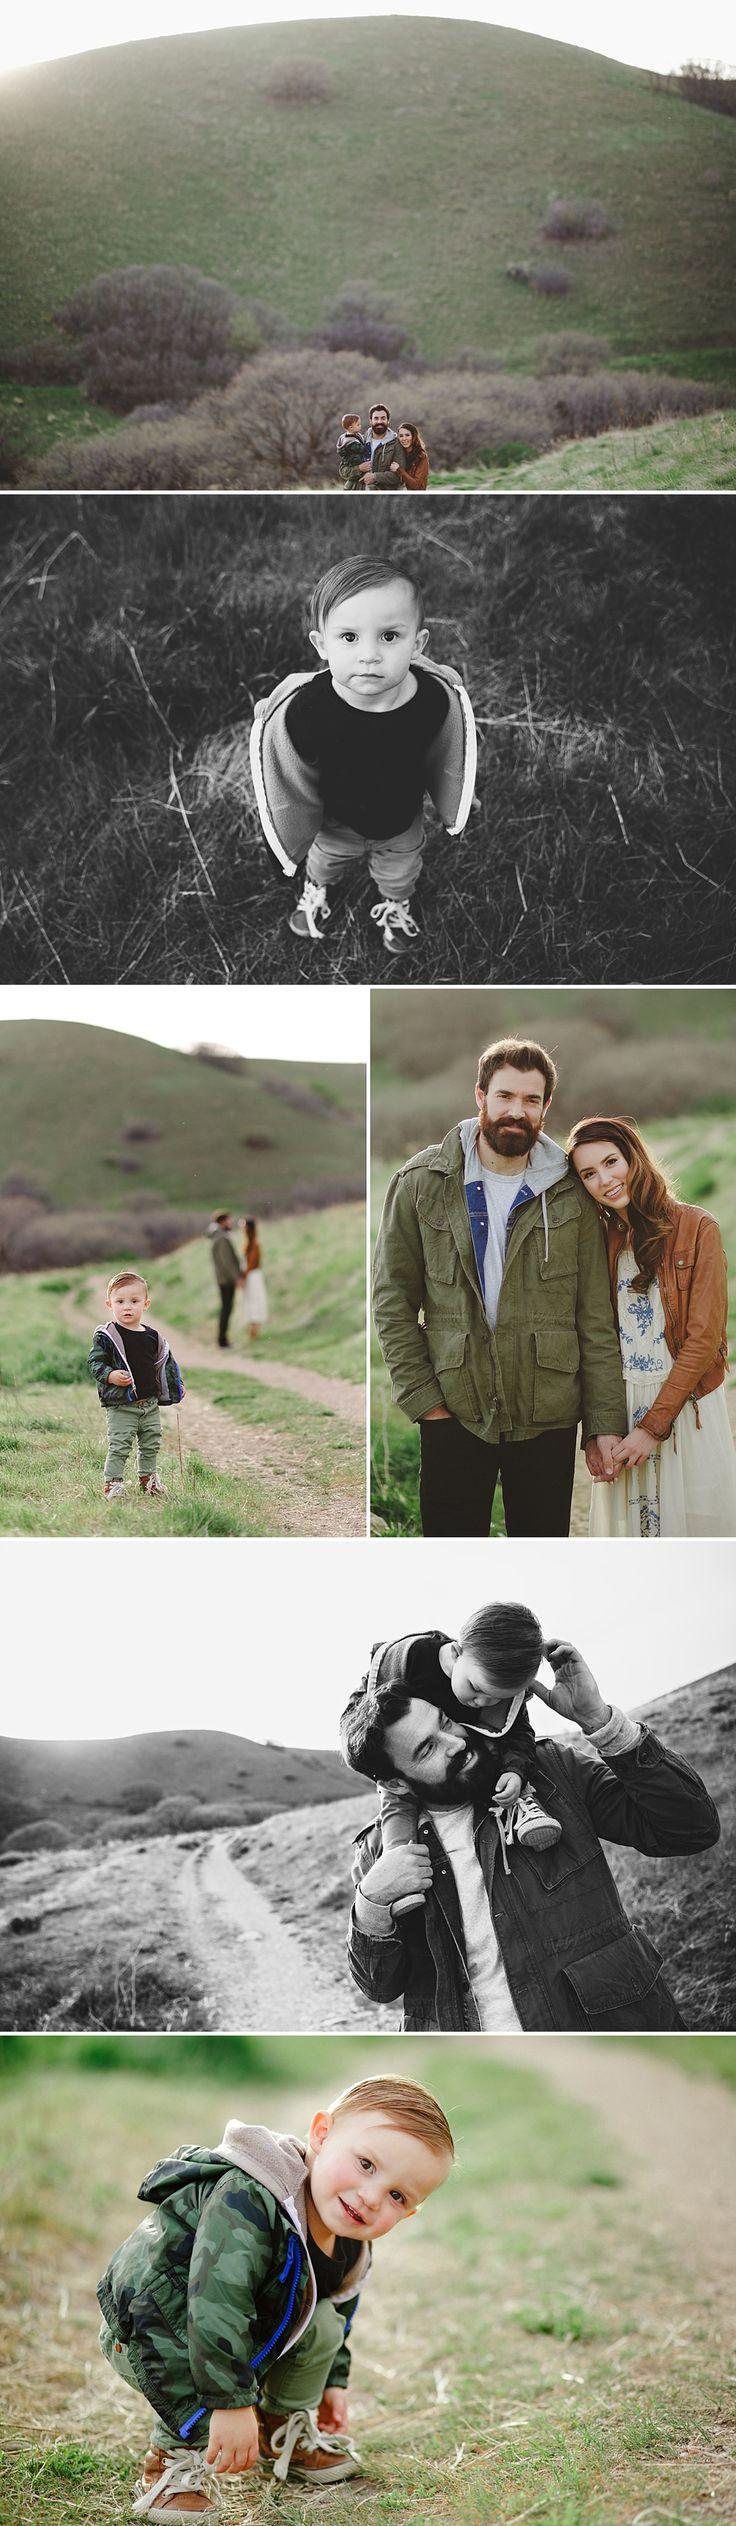 Idee/Inspiration für ein Familienfotoshooting, z.B. bei einem Spaziergang. Fotoshooting - Familie - Familienfoto - Liebe - Familienfotografie - Shooting - natürlich - authentisch - draußen - outdoor - spazieren vanessasblickwinkel.de